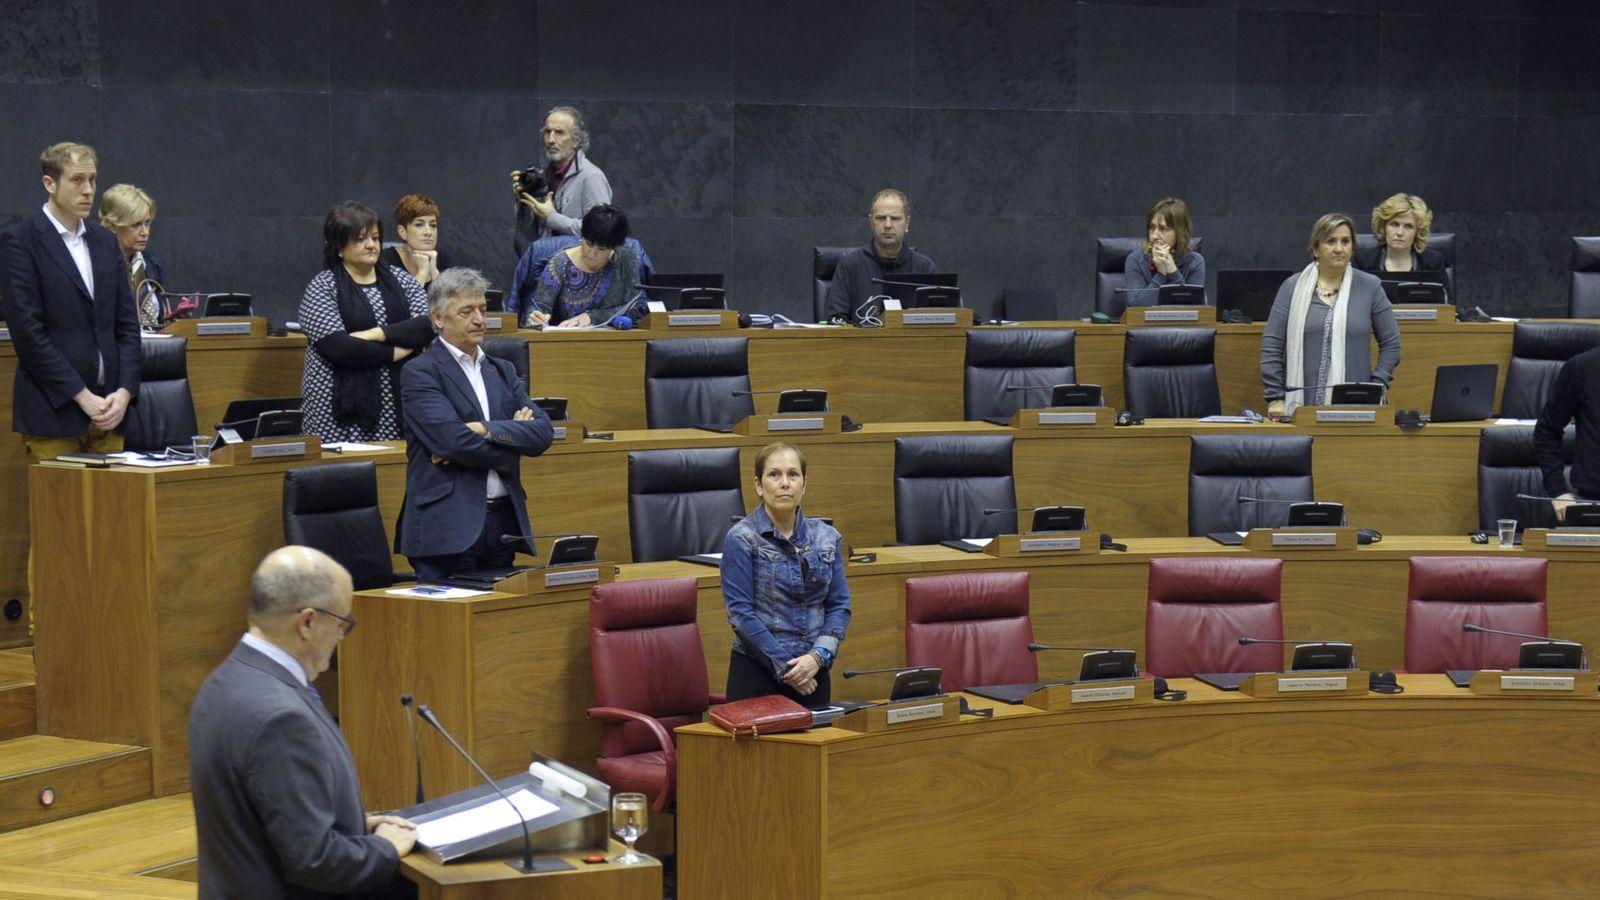 Foto: Todos los parlamentos en pie menos los de EH Bildu, sentados al fondo. (EFE)